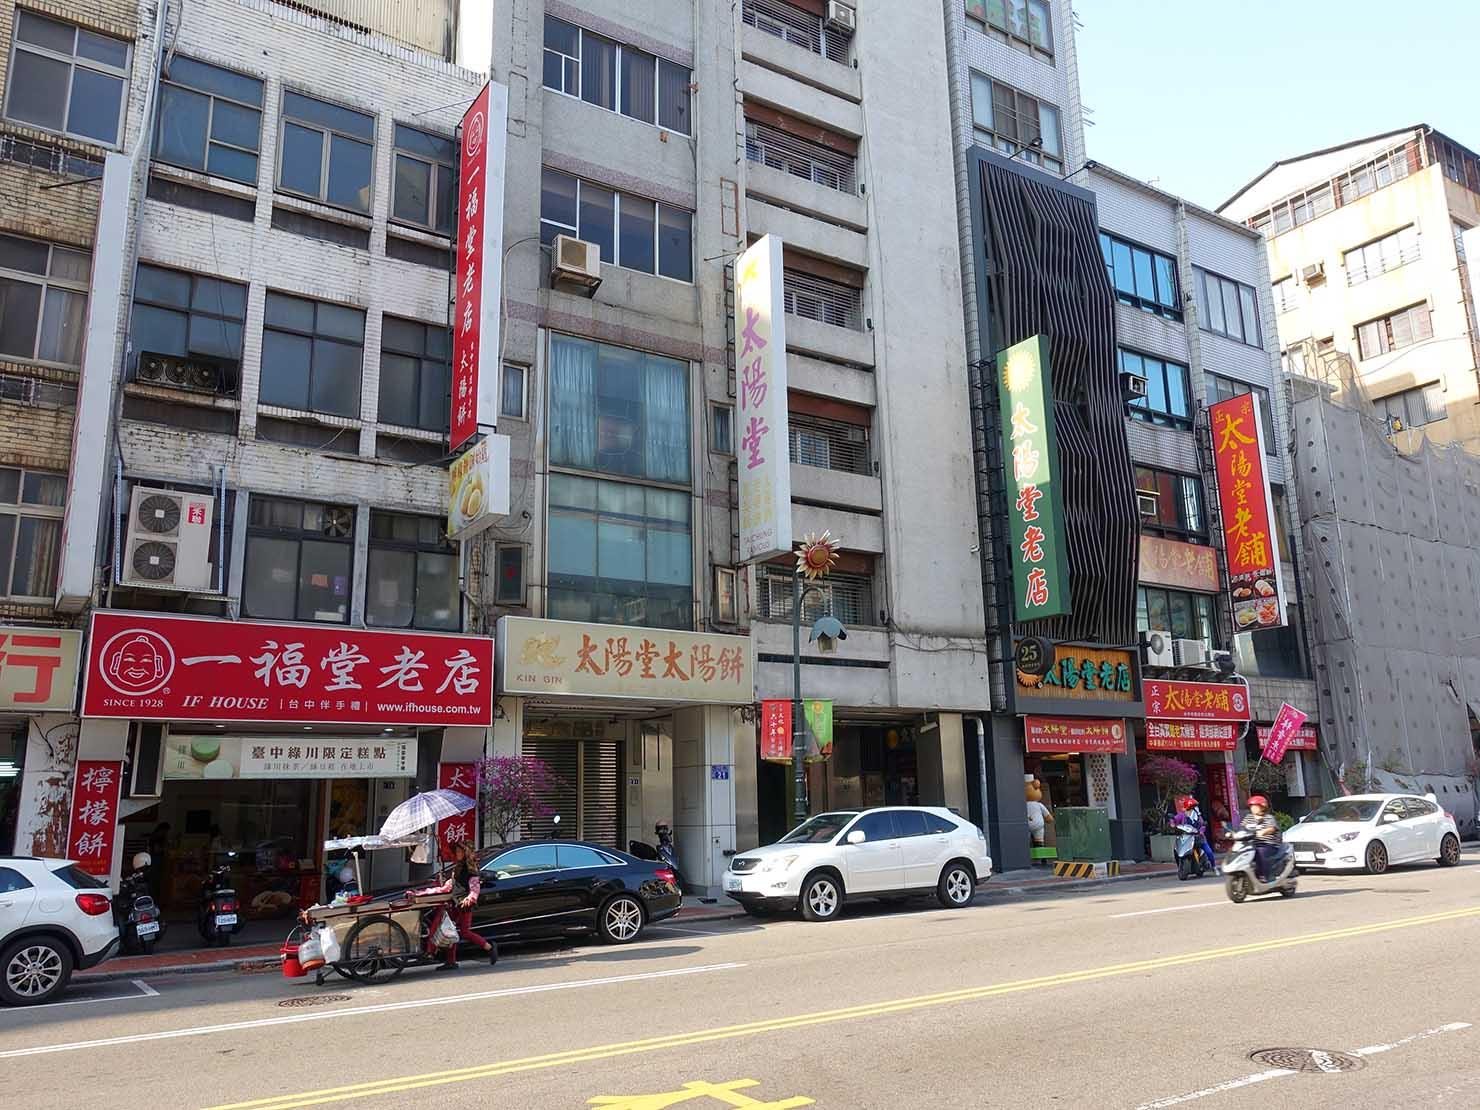 台中観光のおすすめスポット「太陽餅街」